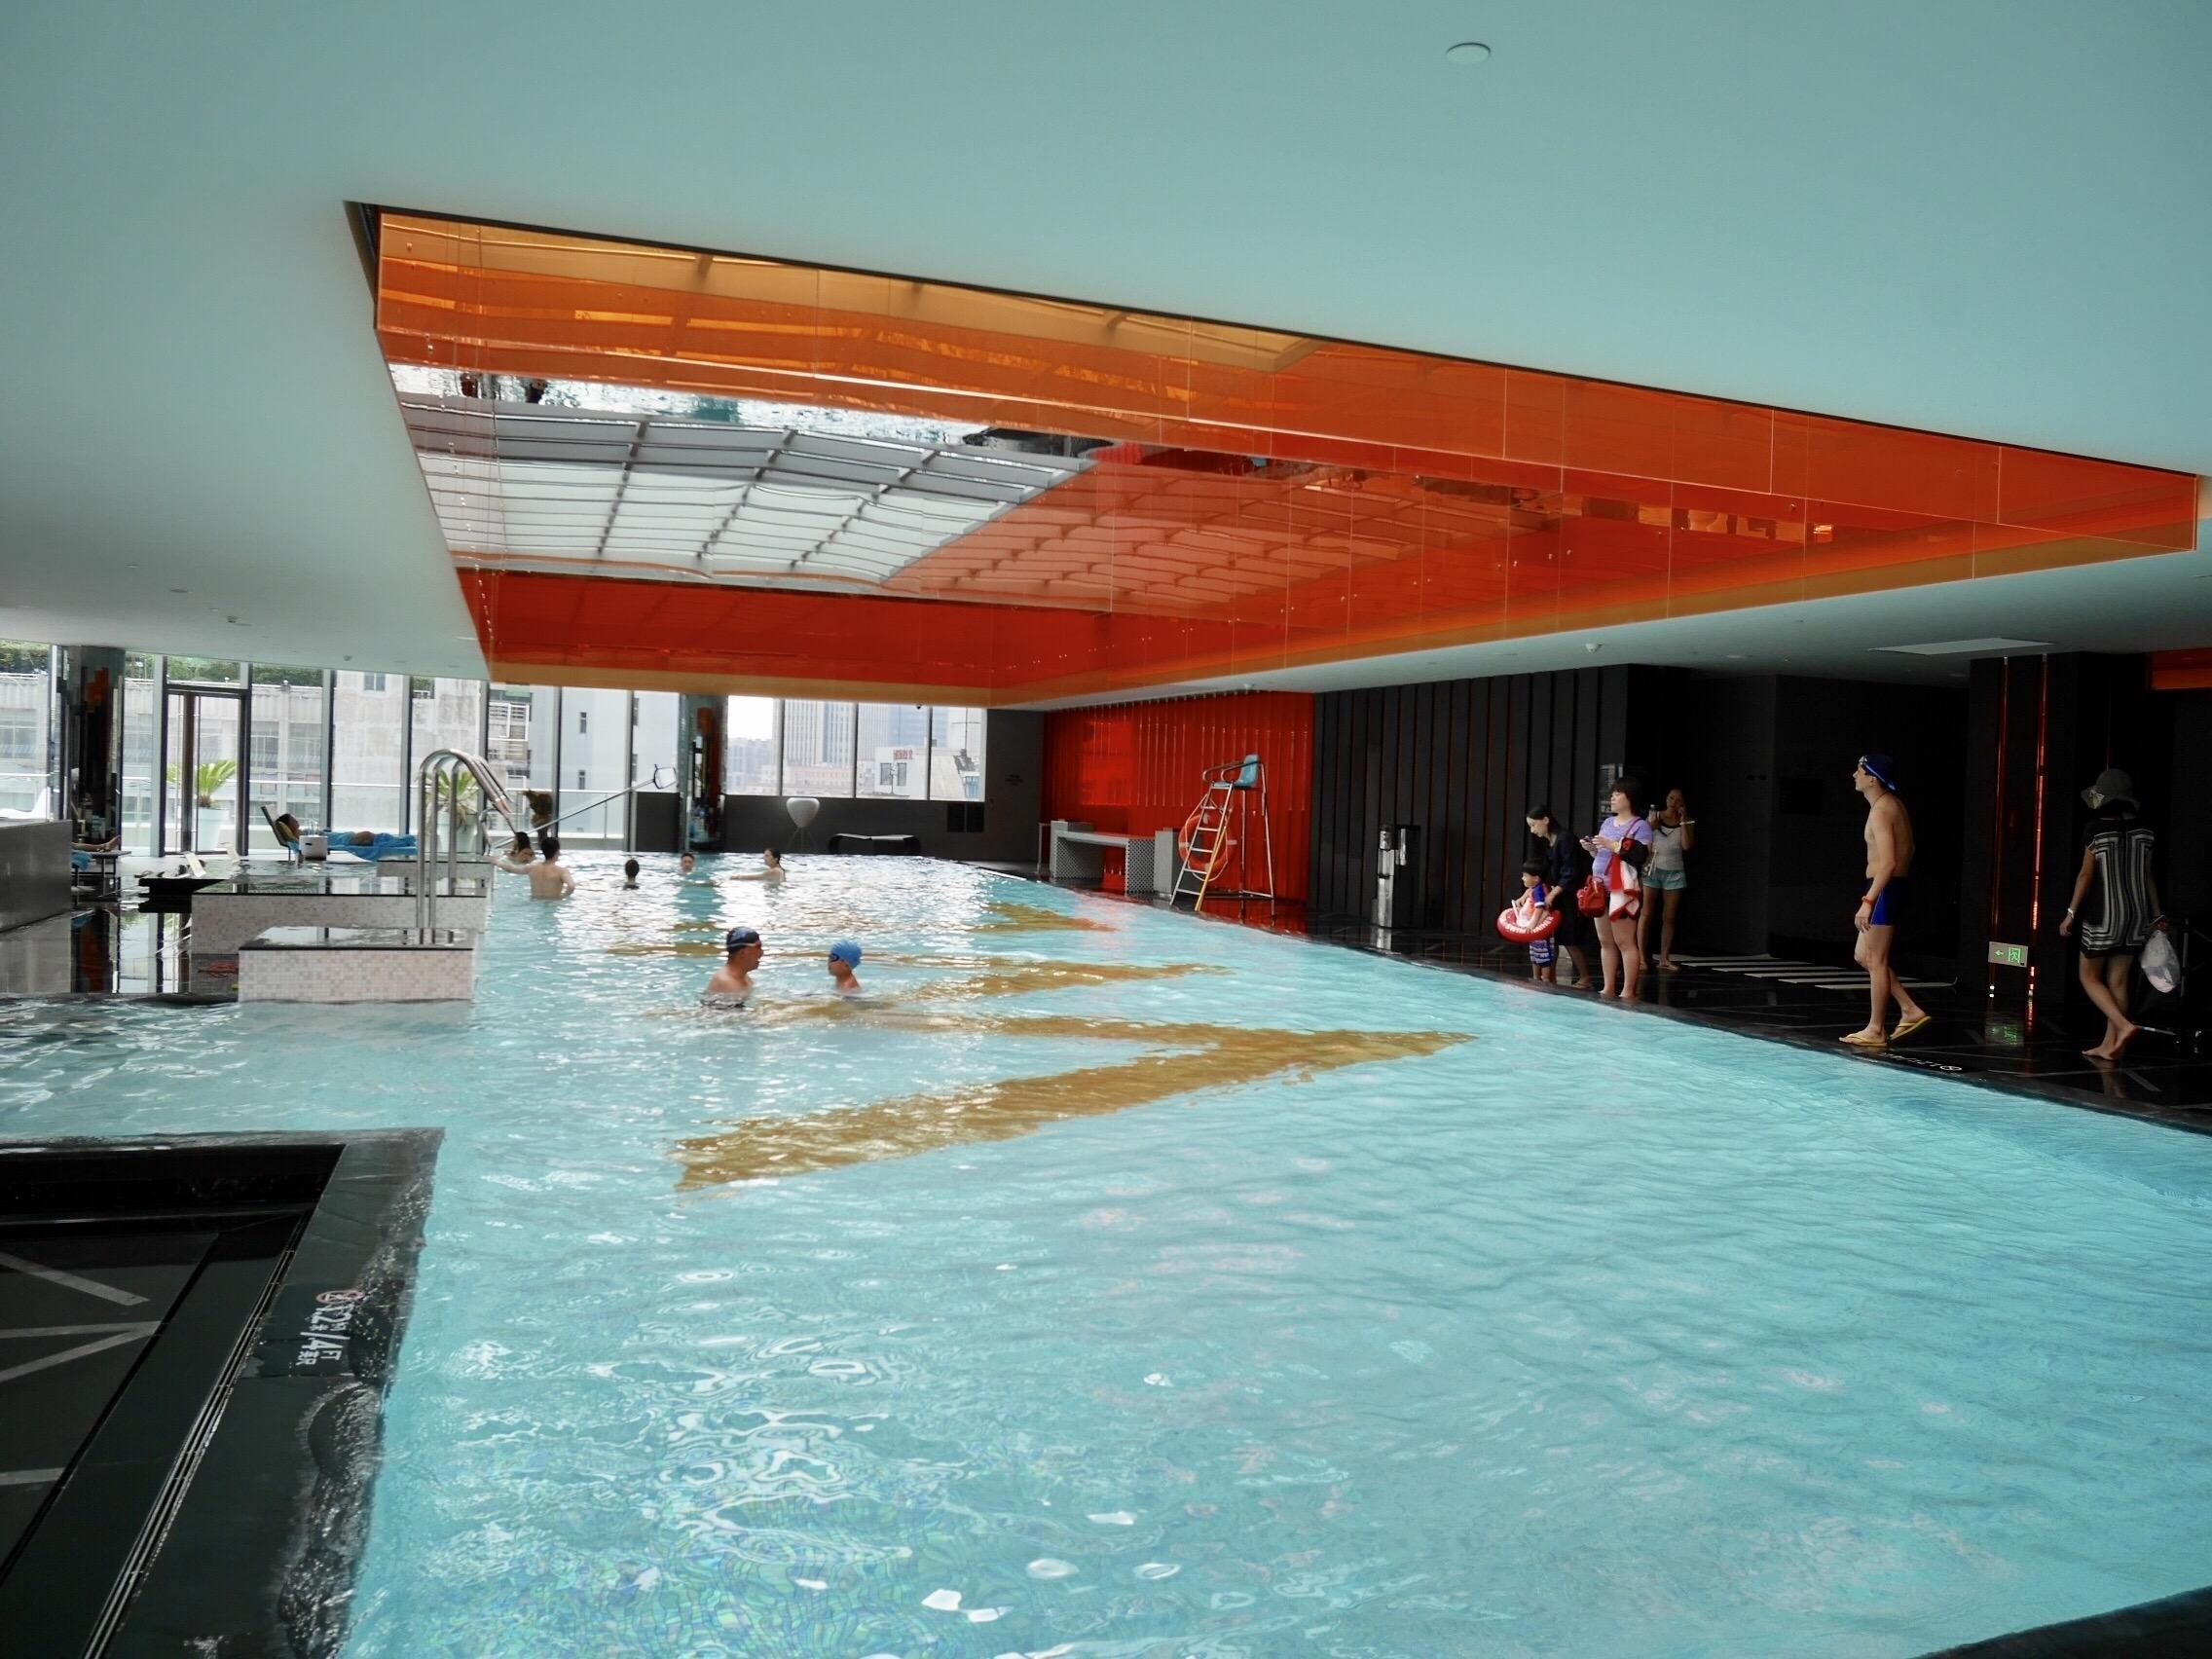 img 7695 - W HOTEL - 上海No.1の景色を楽しむホテル